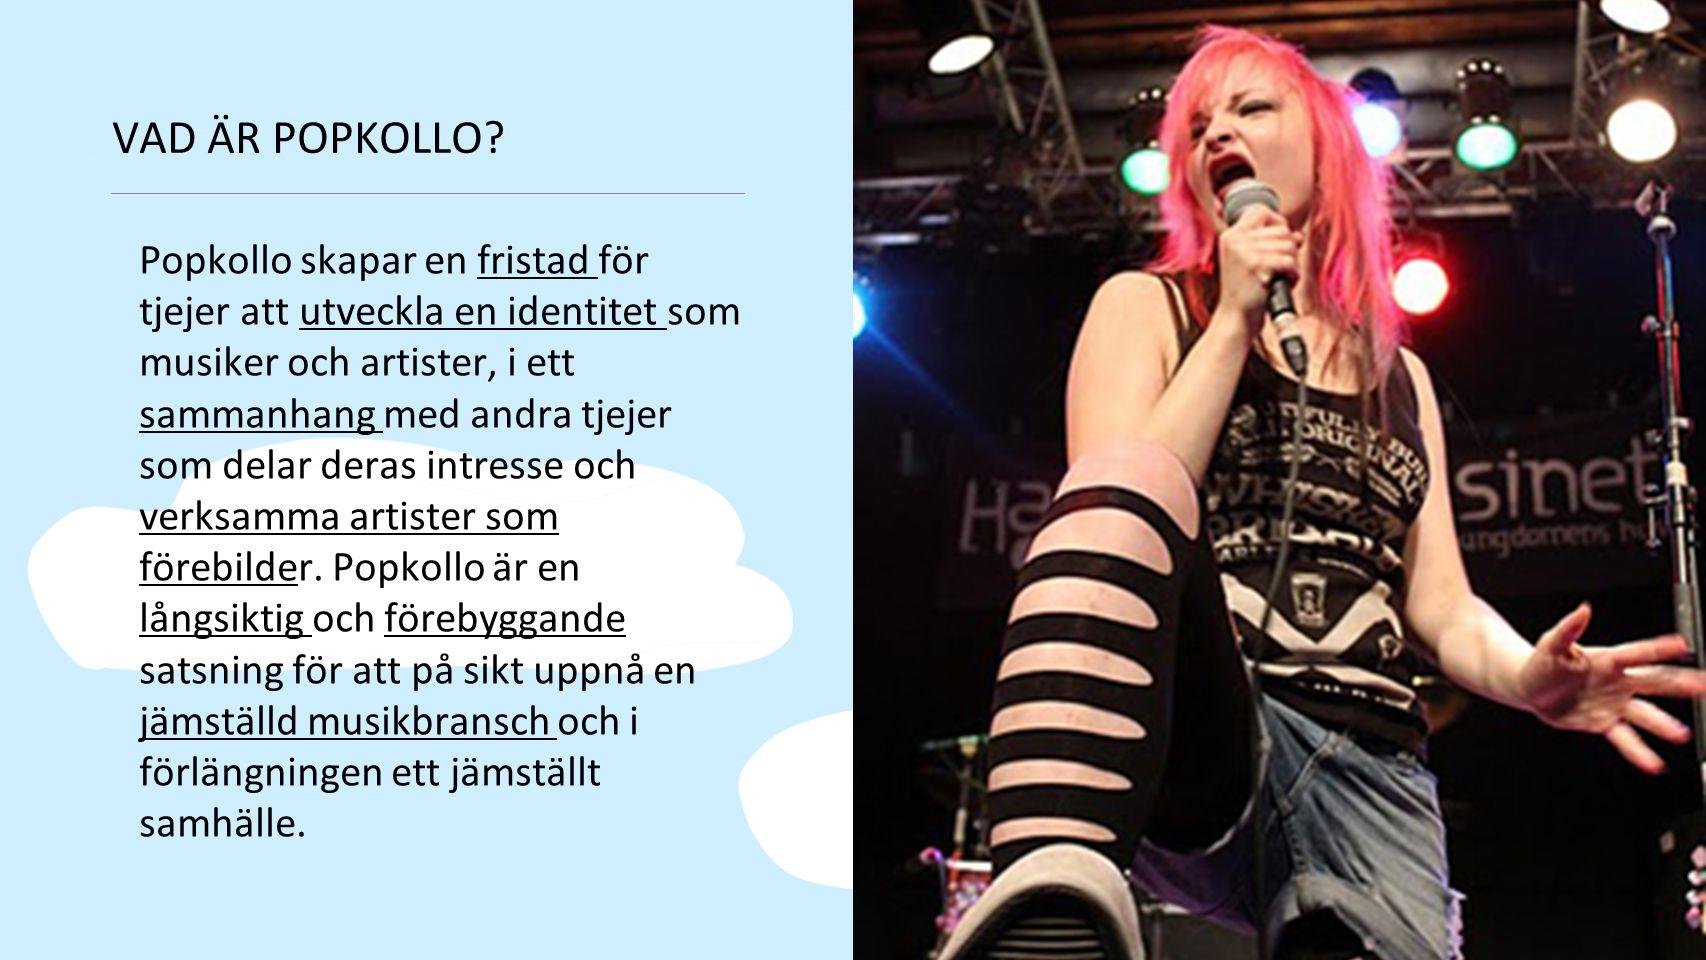 VAD ÄR POPKOLLO? Popkollo skapar en fristad för tjejer att utveckla en identitet som musiker och artister, i ett sammanhang med andra tjejer som delar